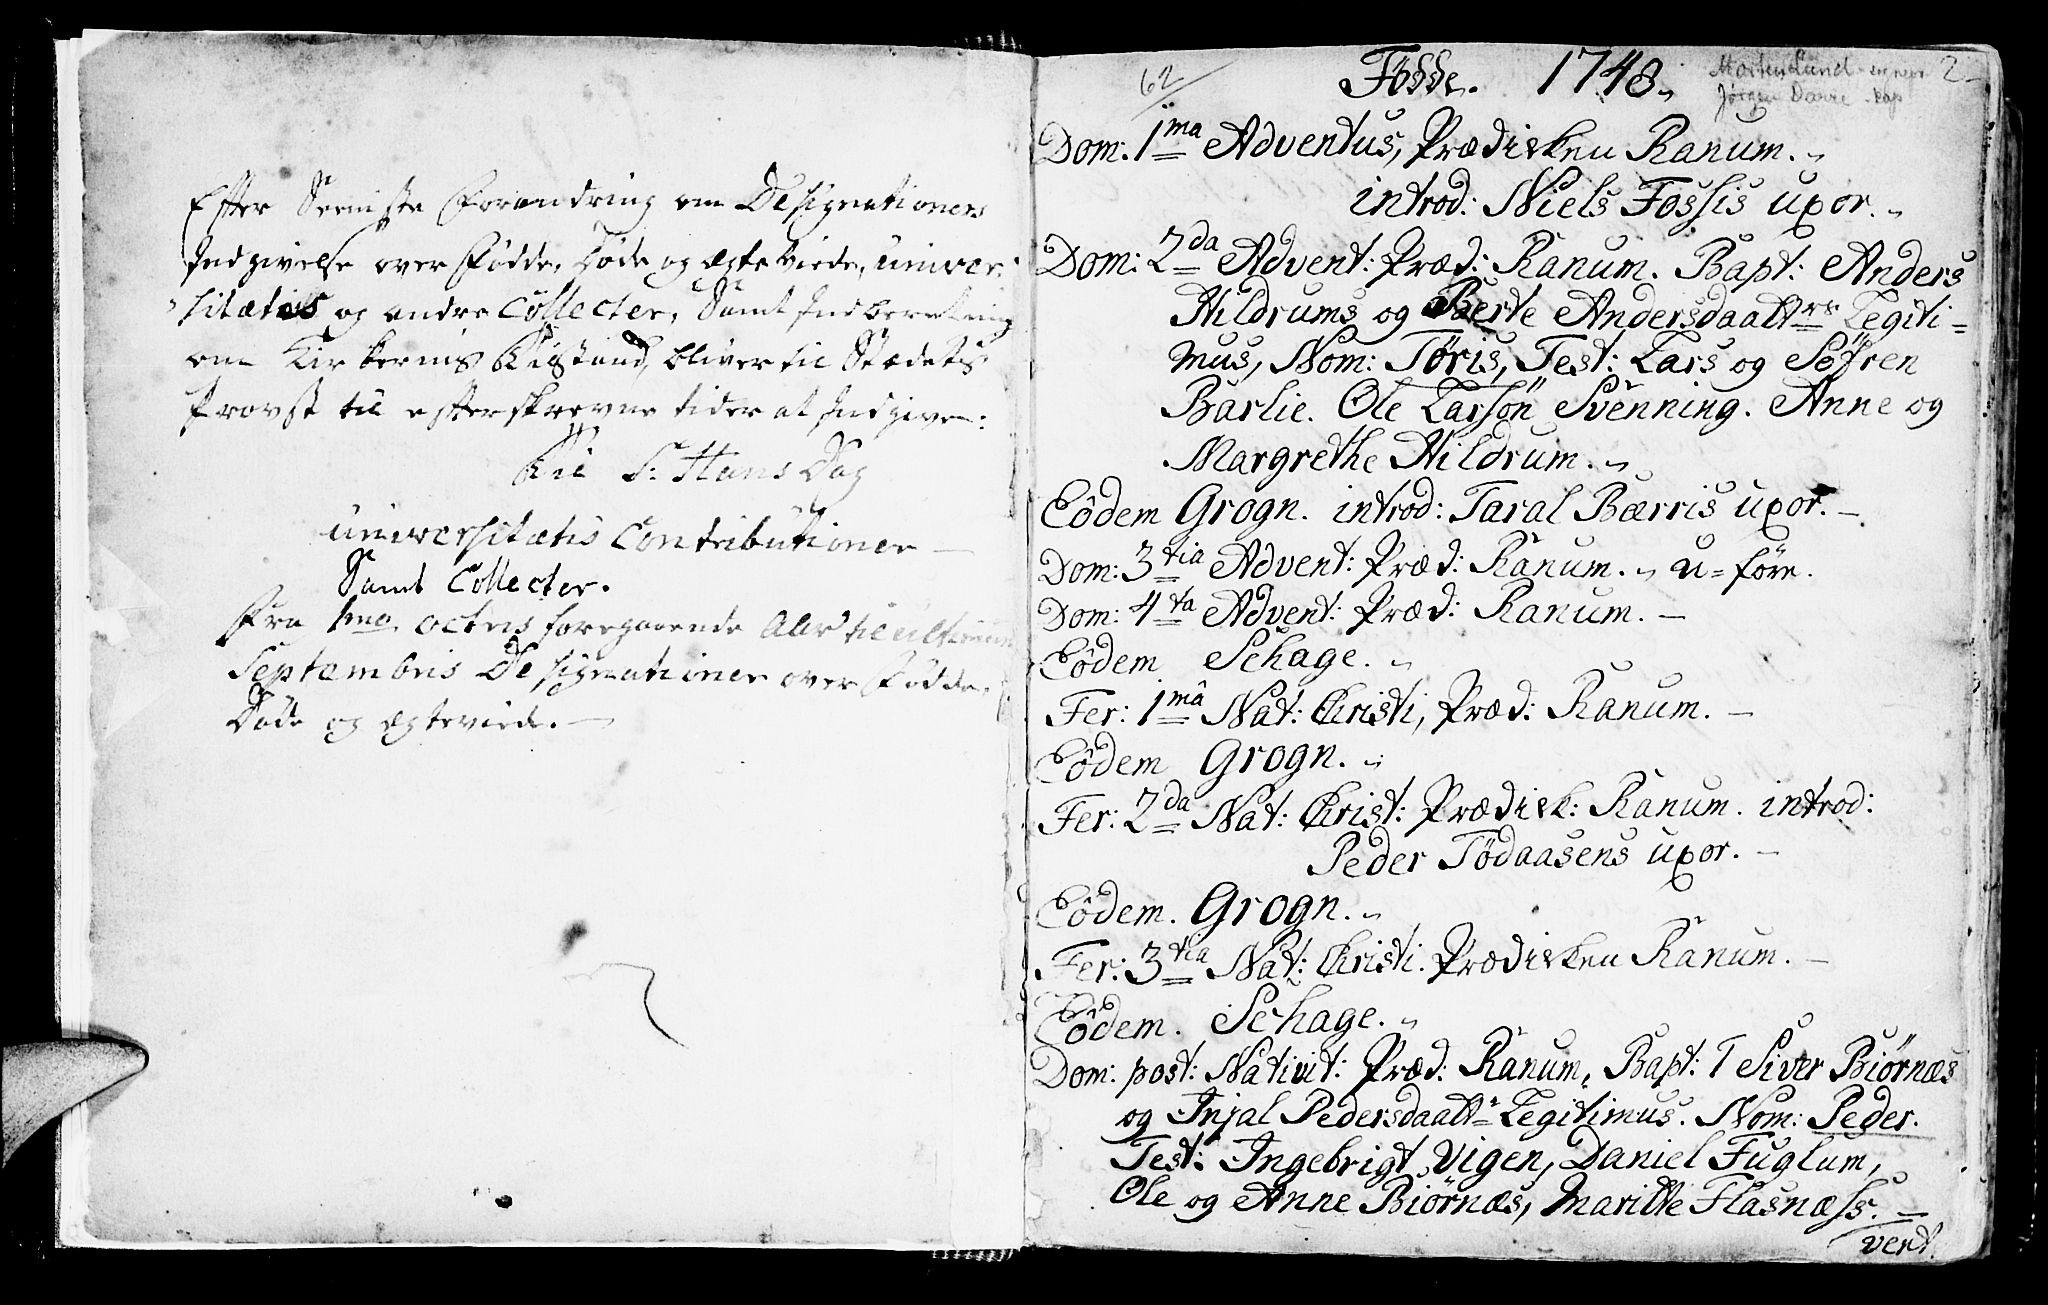 SAT, Ministerialprotokoller, klokkerbøker og fødselsregistre - Nord-Trøndelag, 764/L0542: Ministerialbok nr. 764A02, 1748-1779, s. 2